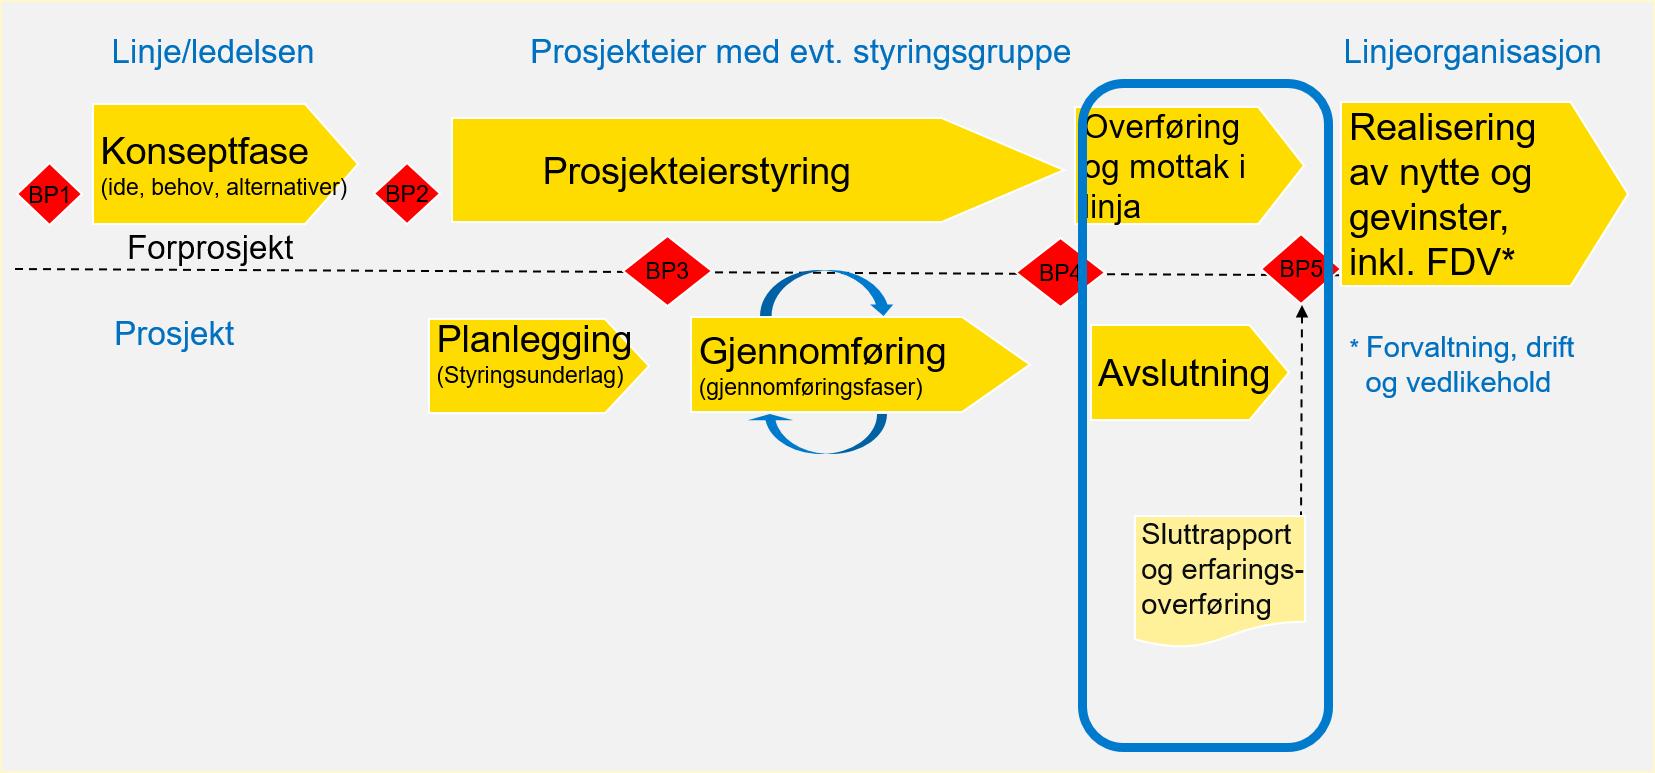 Bildet viser prosjektmodellen hvor avslutningsfasen er uthevet. Gjennomføringsfasen leder frem til beslutningspunkt 5 som innebærer overføring til linjeorganisasjonen.